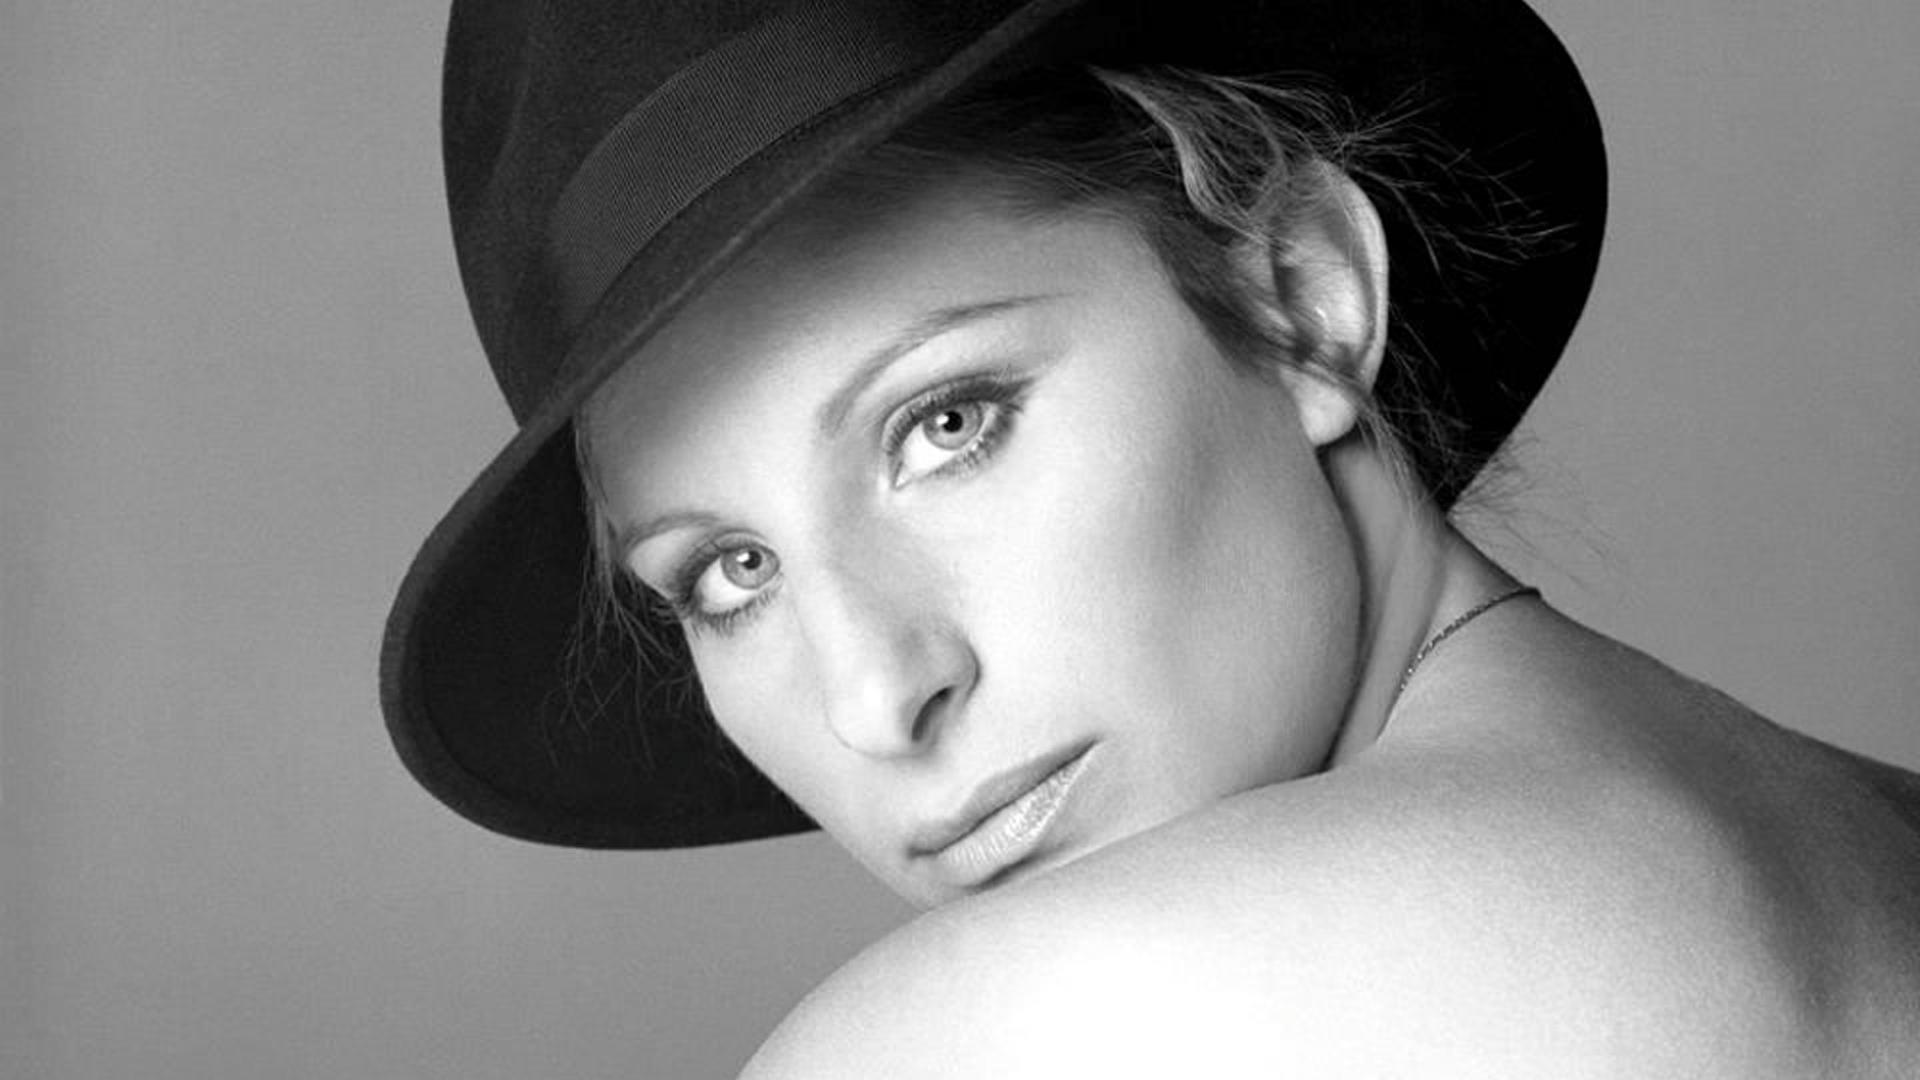 Αποτέλεσμα εικόνας για Barbra Streisand